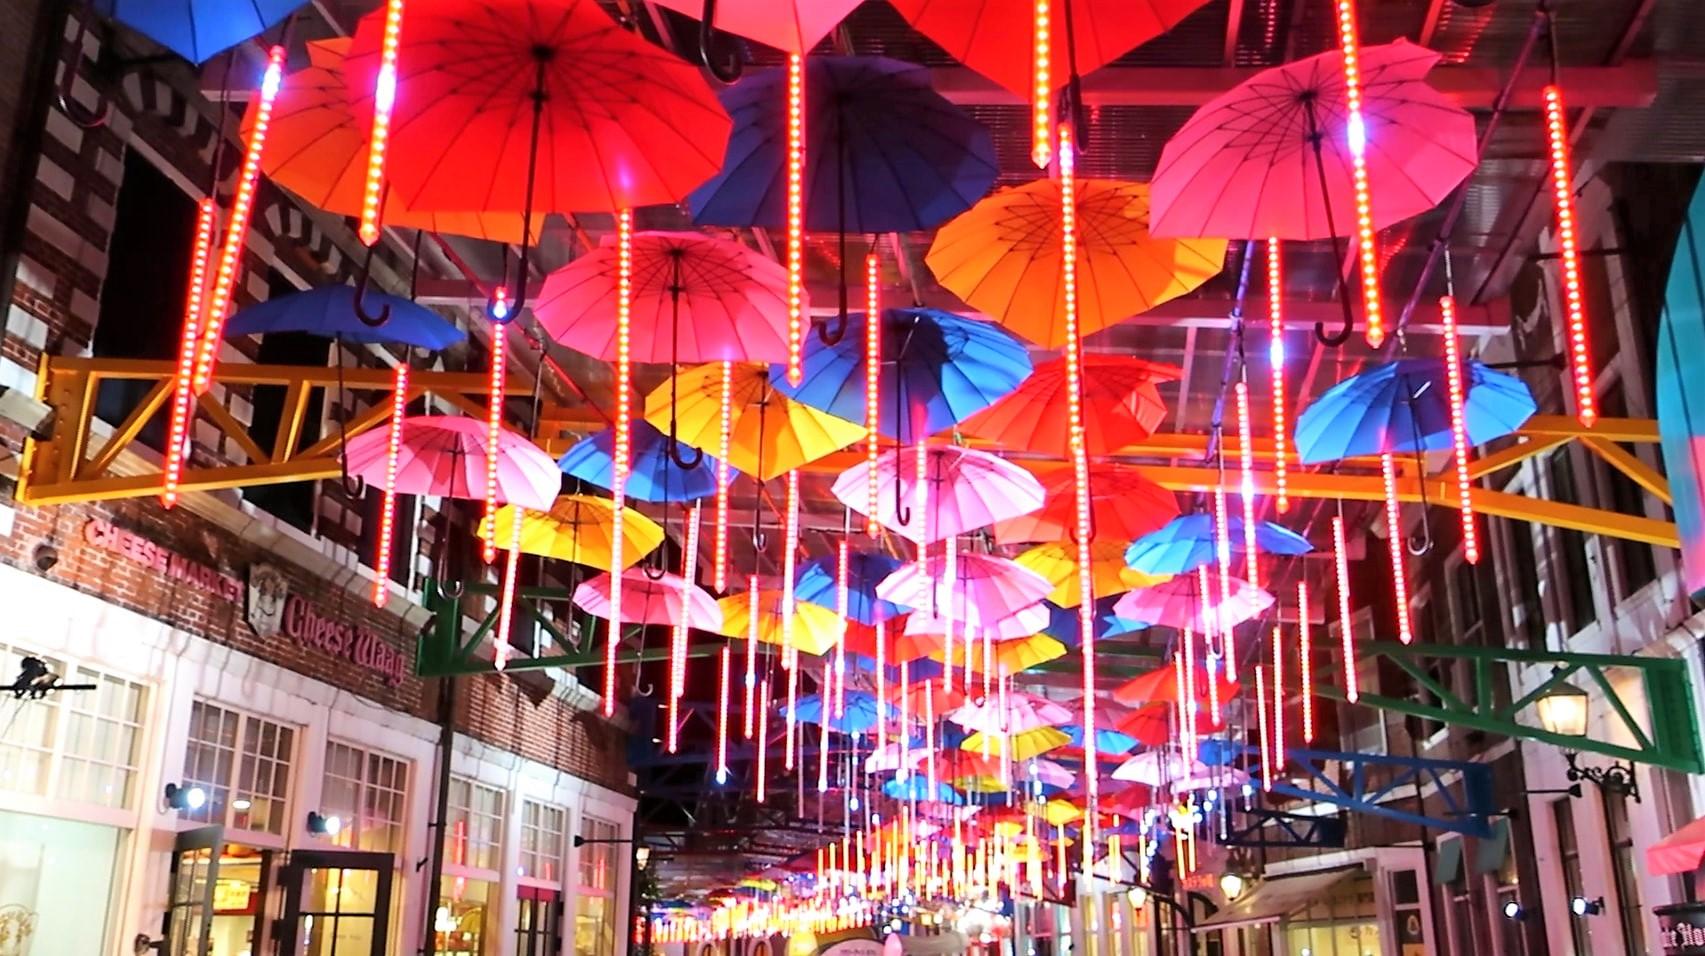 ハウステンボス 光の王国 回り方 光のアンブレラストリート